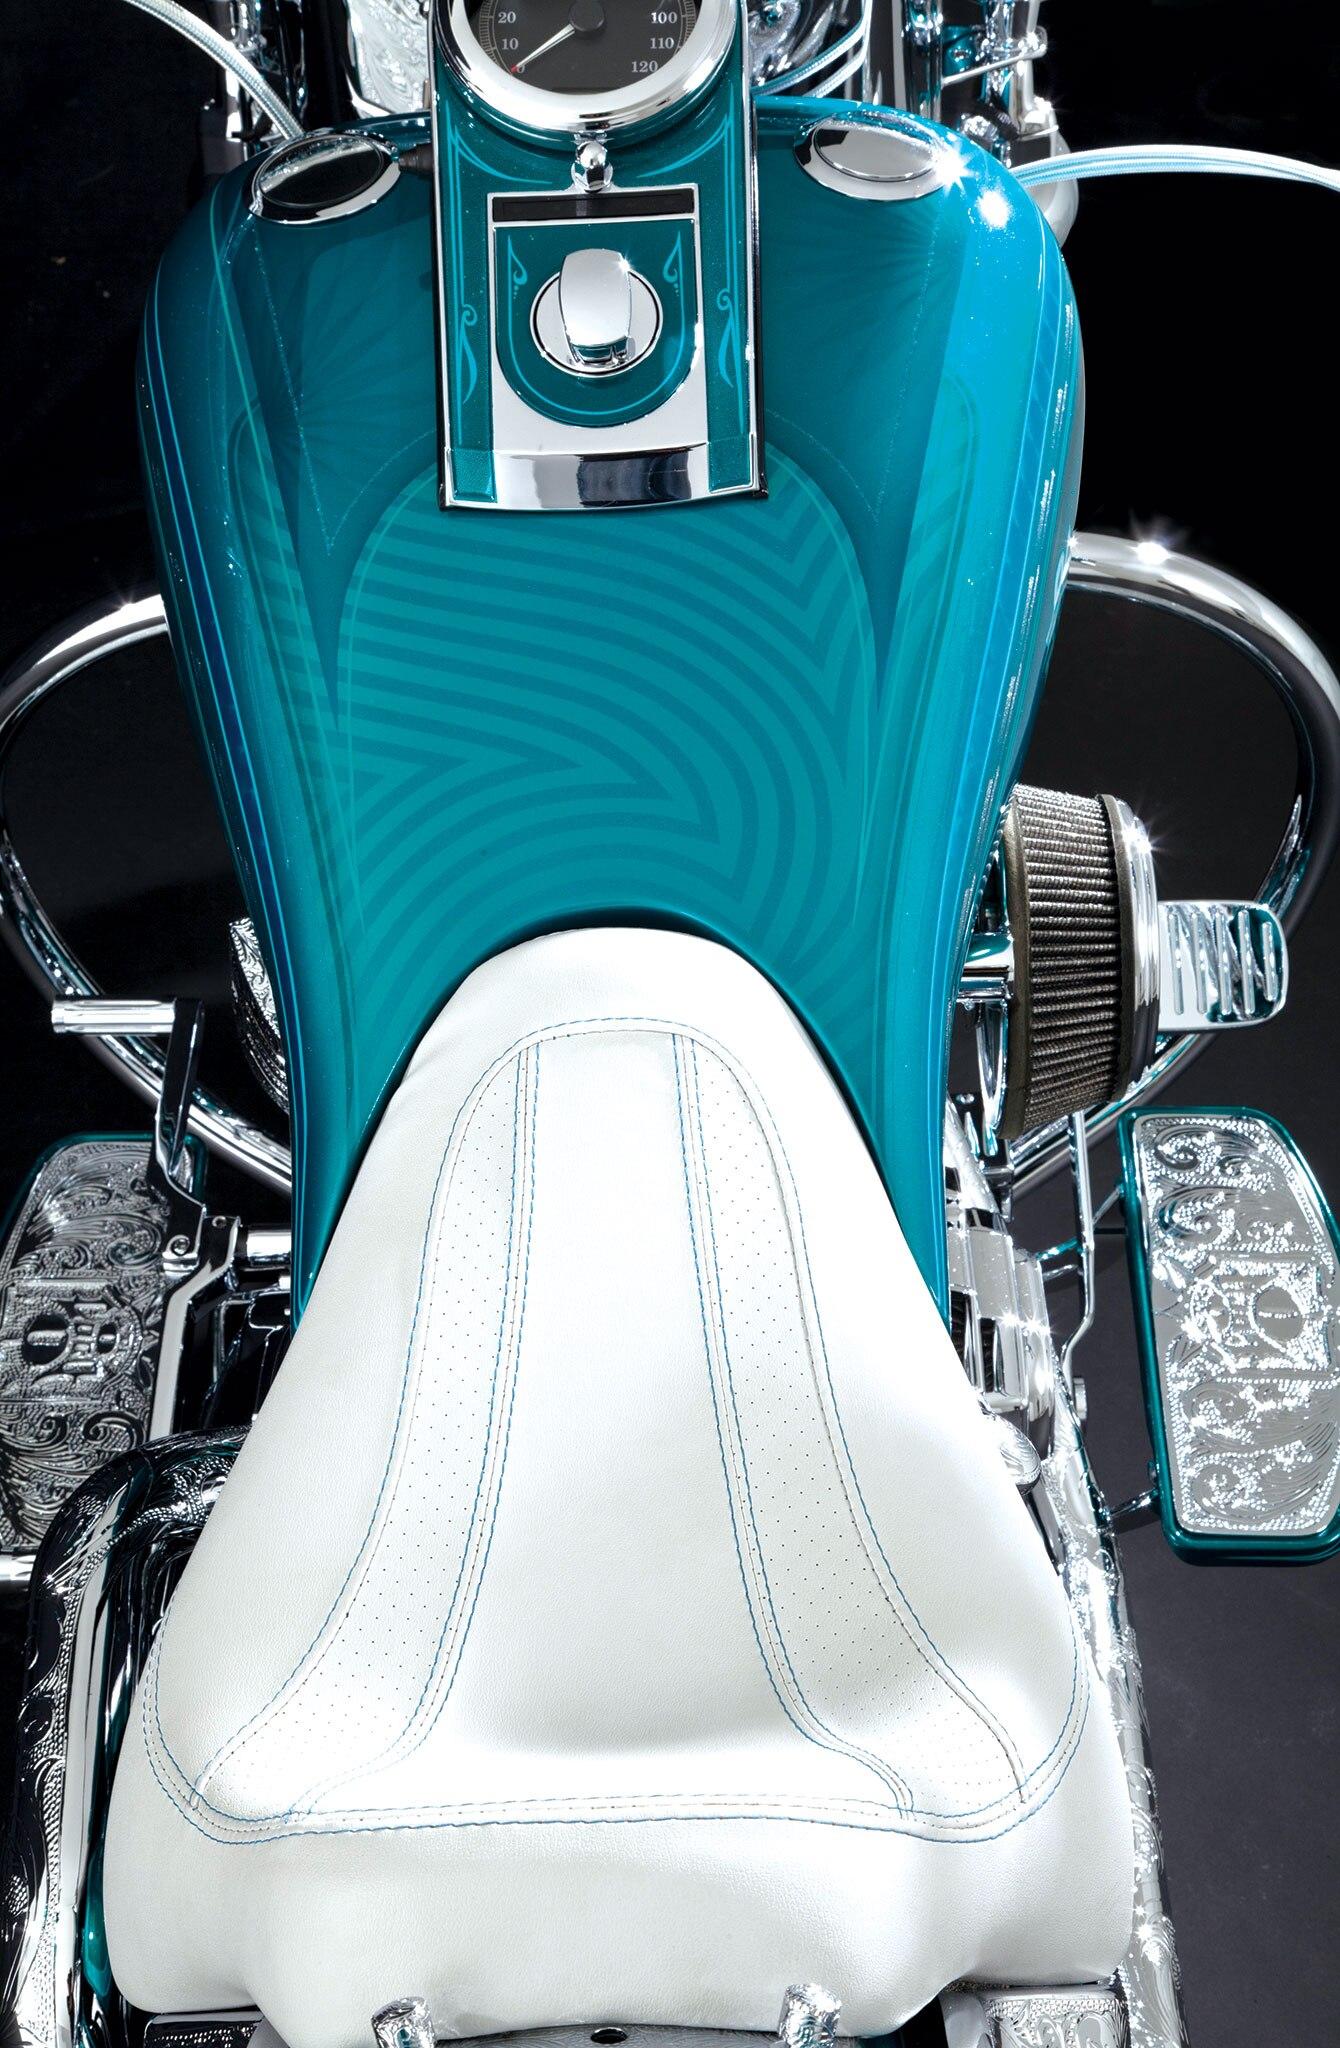 2007 Harley Davidson Heritage Softail Judgement Day